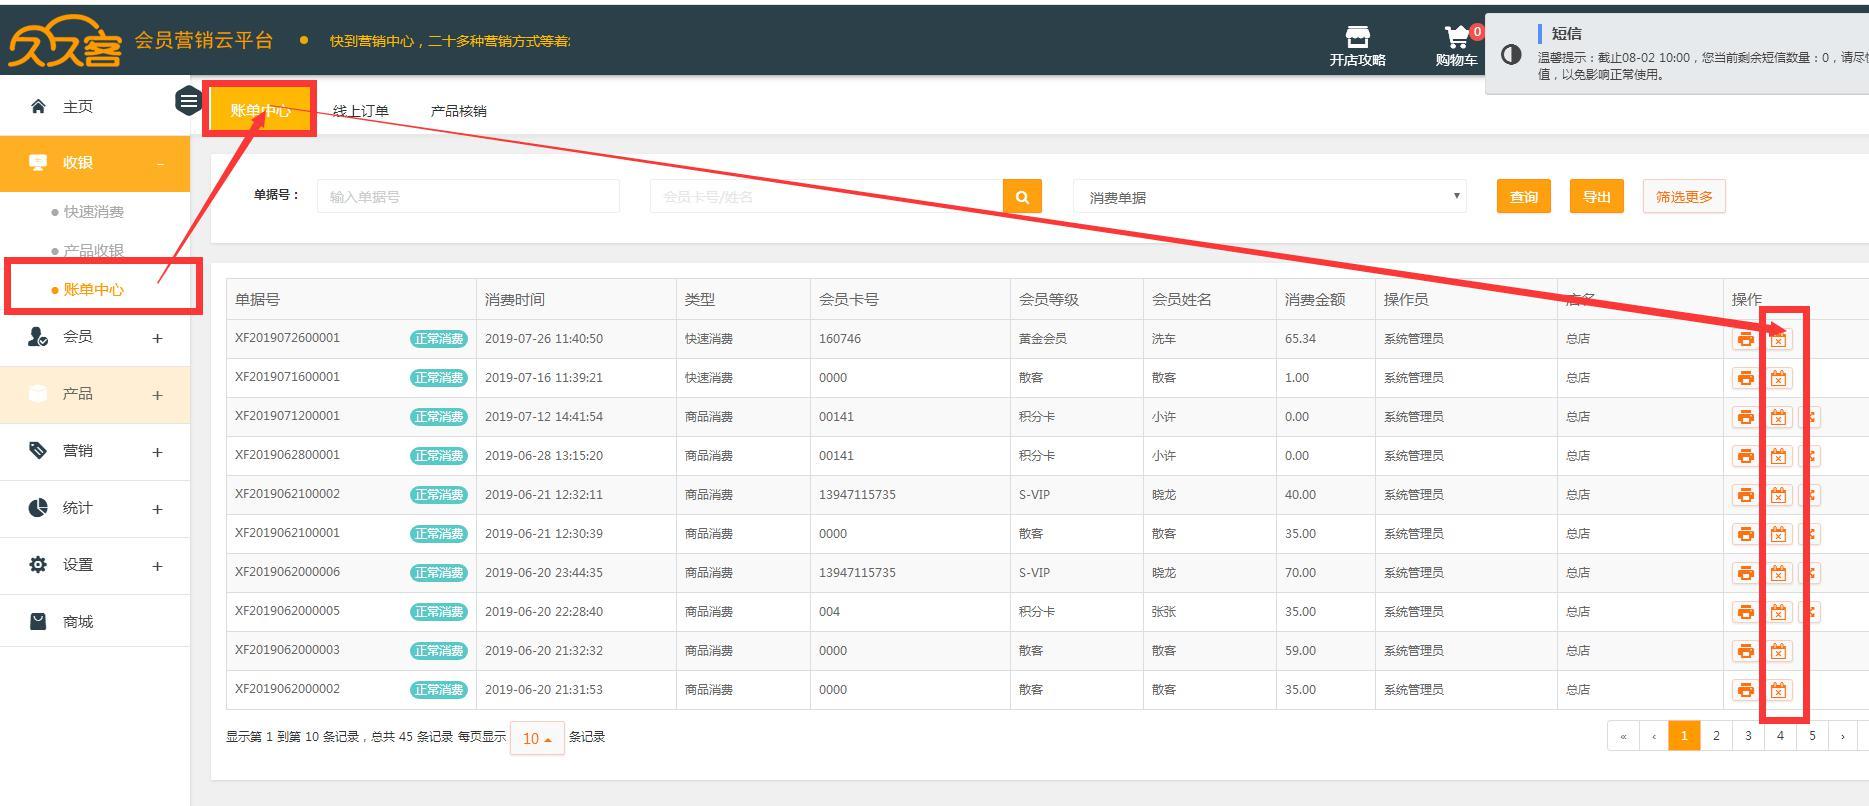 会员管理软件账单中心的撤单功能